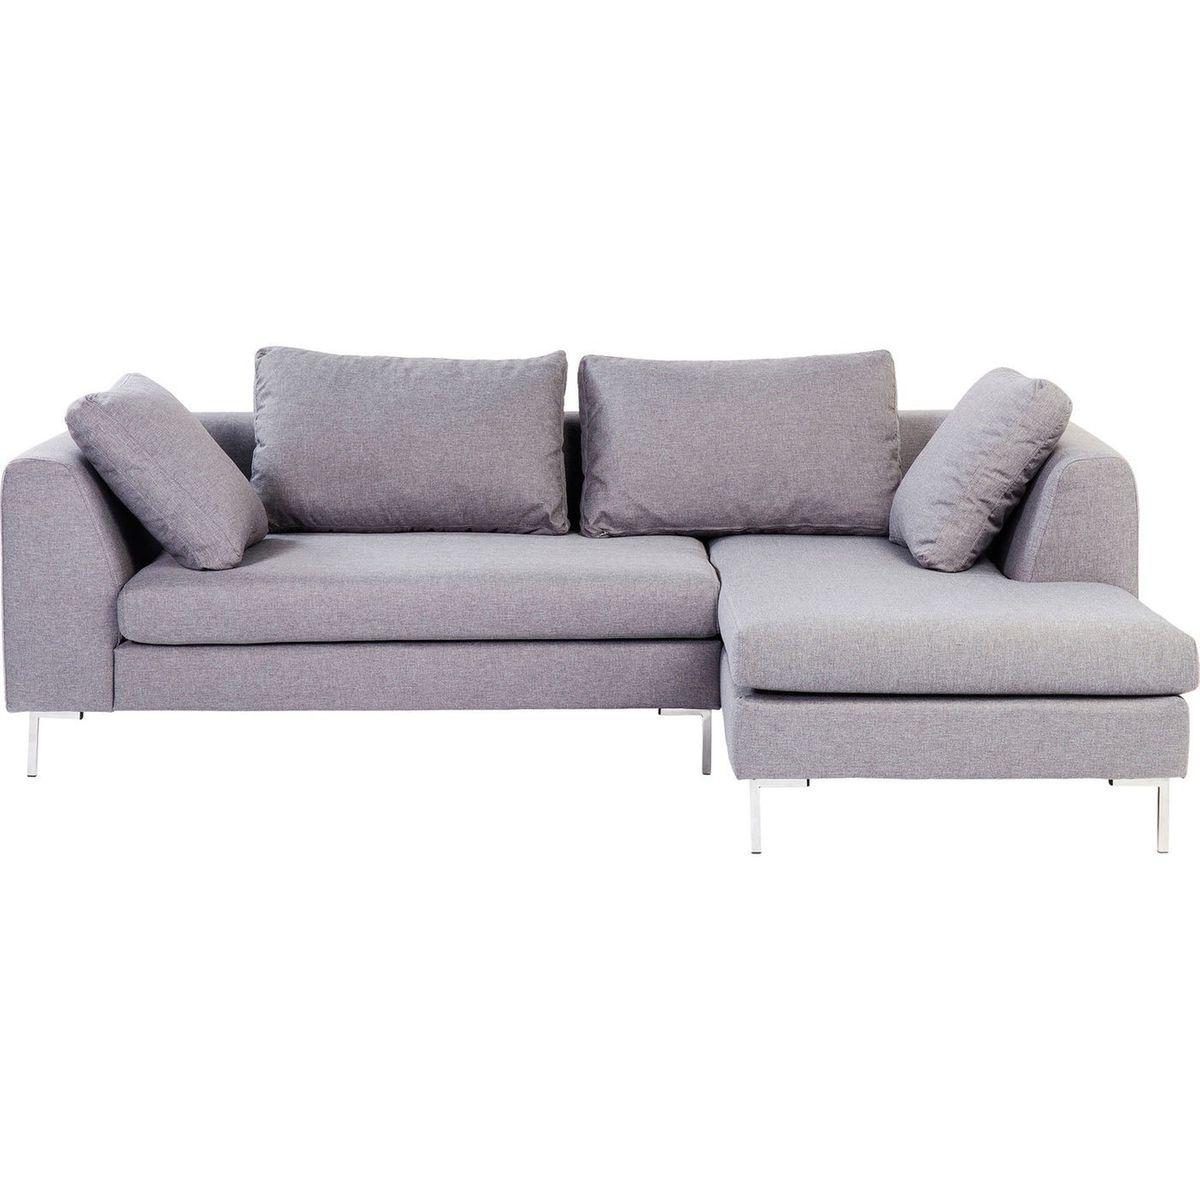 Canapé d'angle Bruno Panini petit modèle droit gris Kare Design